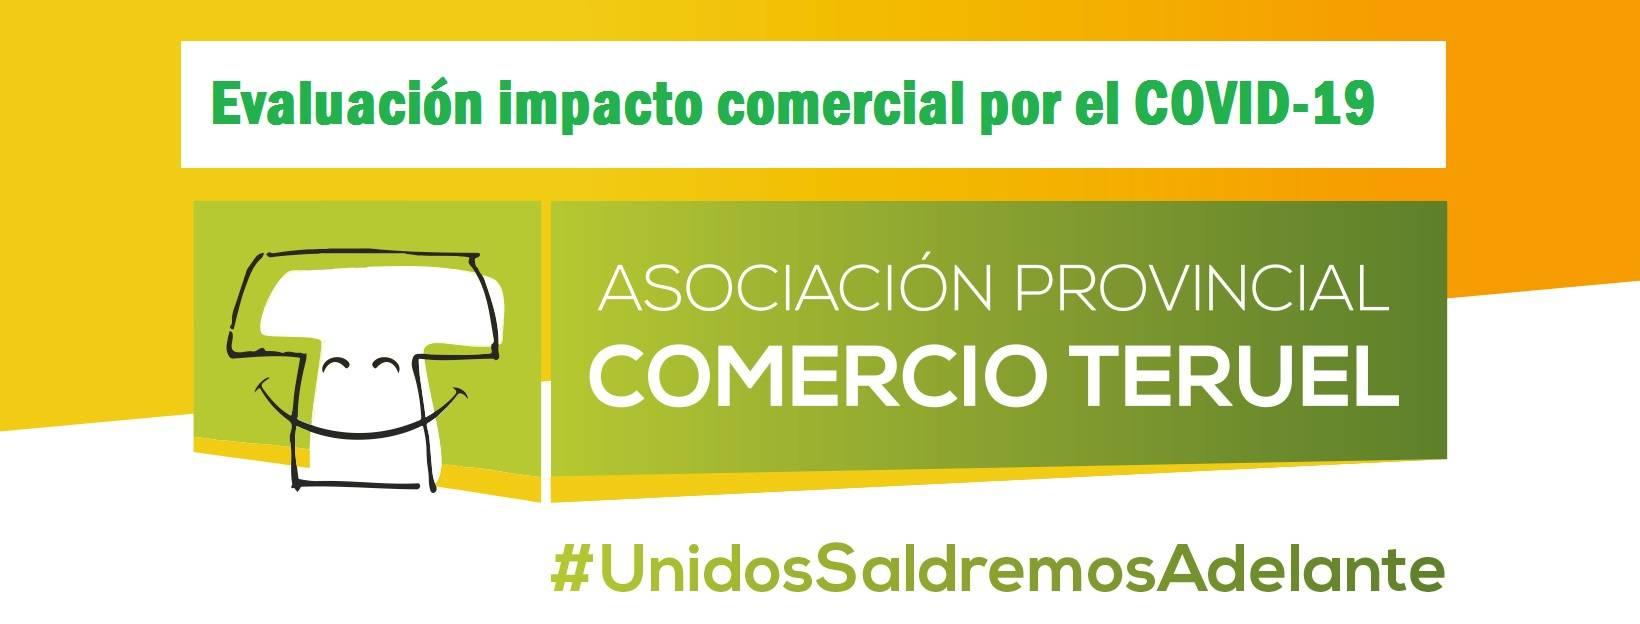 Evaluación impacto comercial por el COVID-19 en la provincia de Teruel